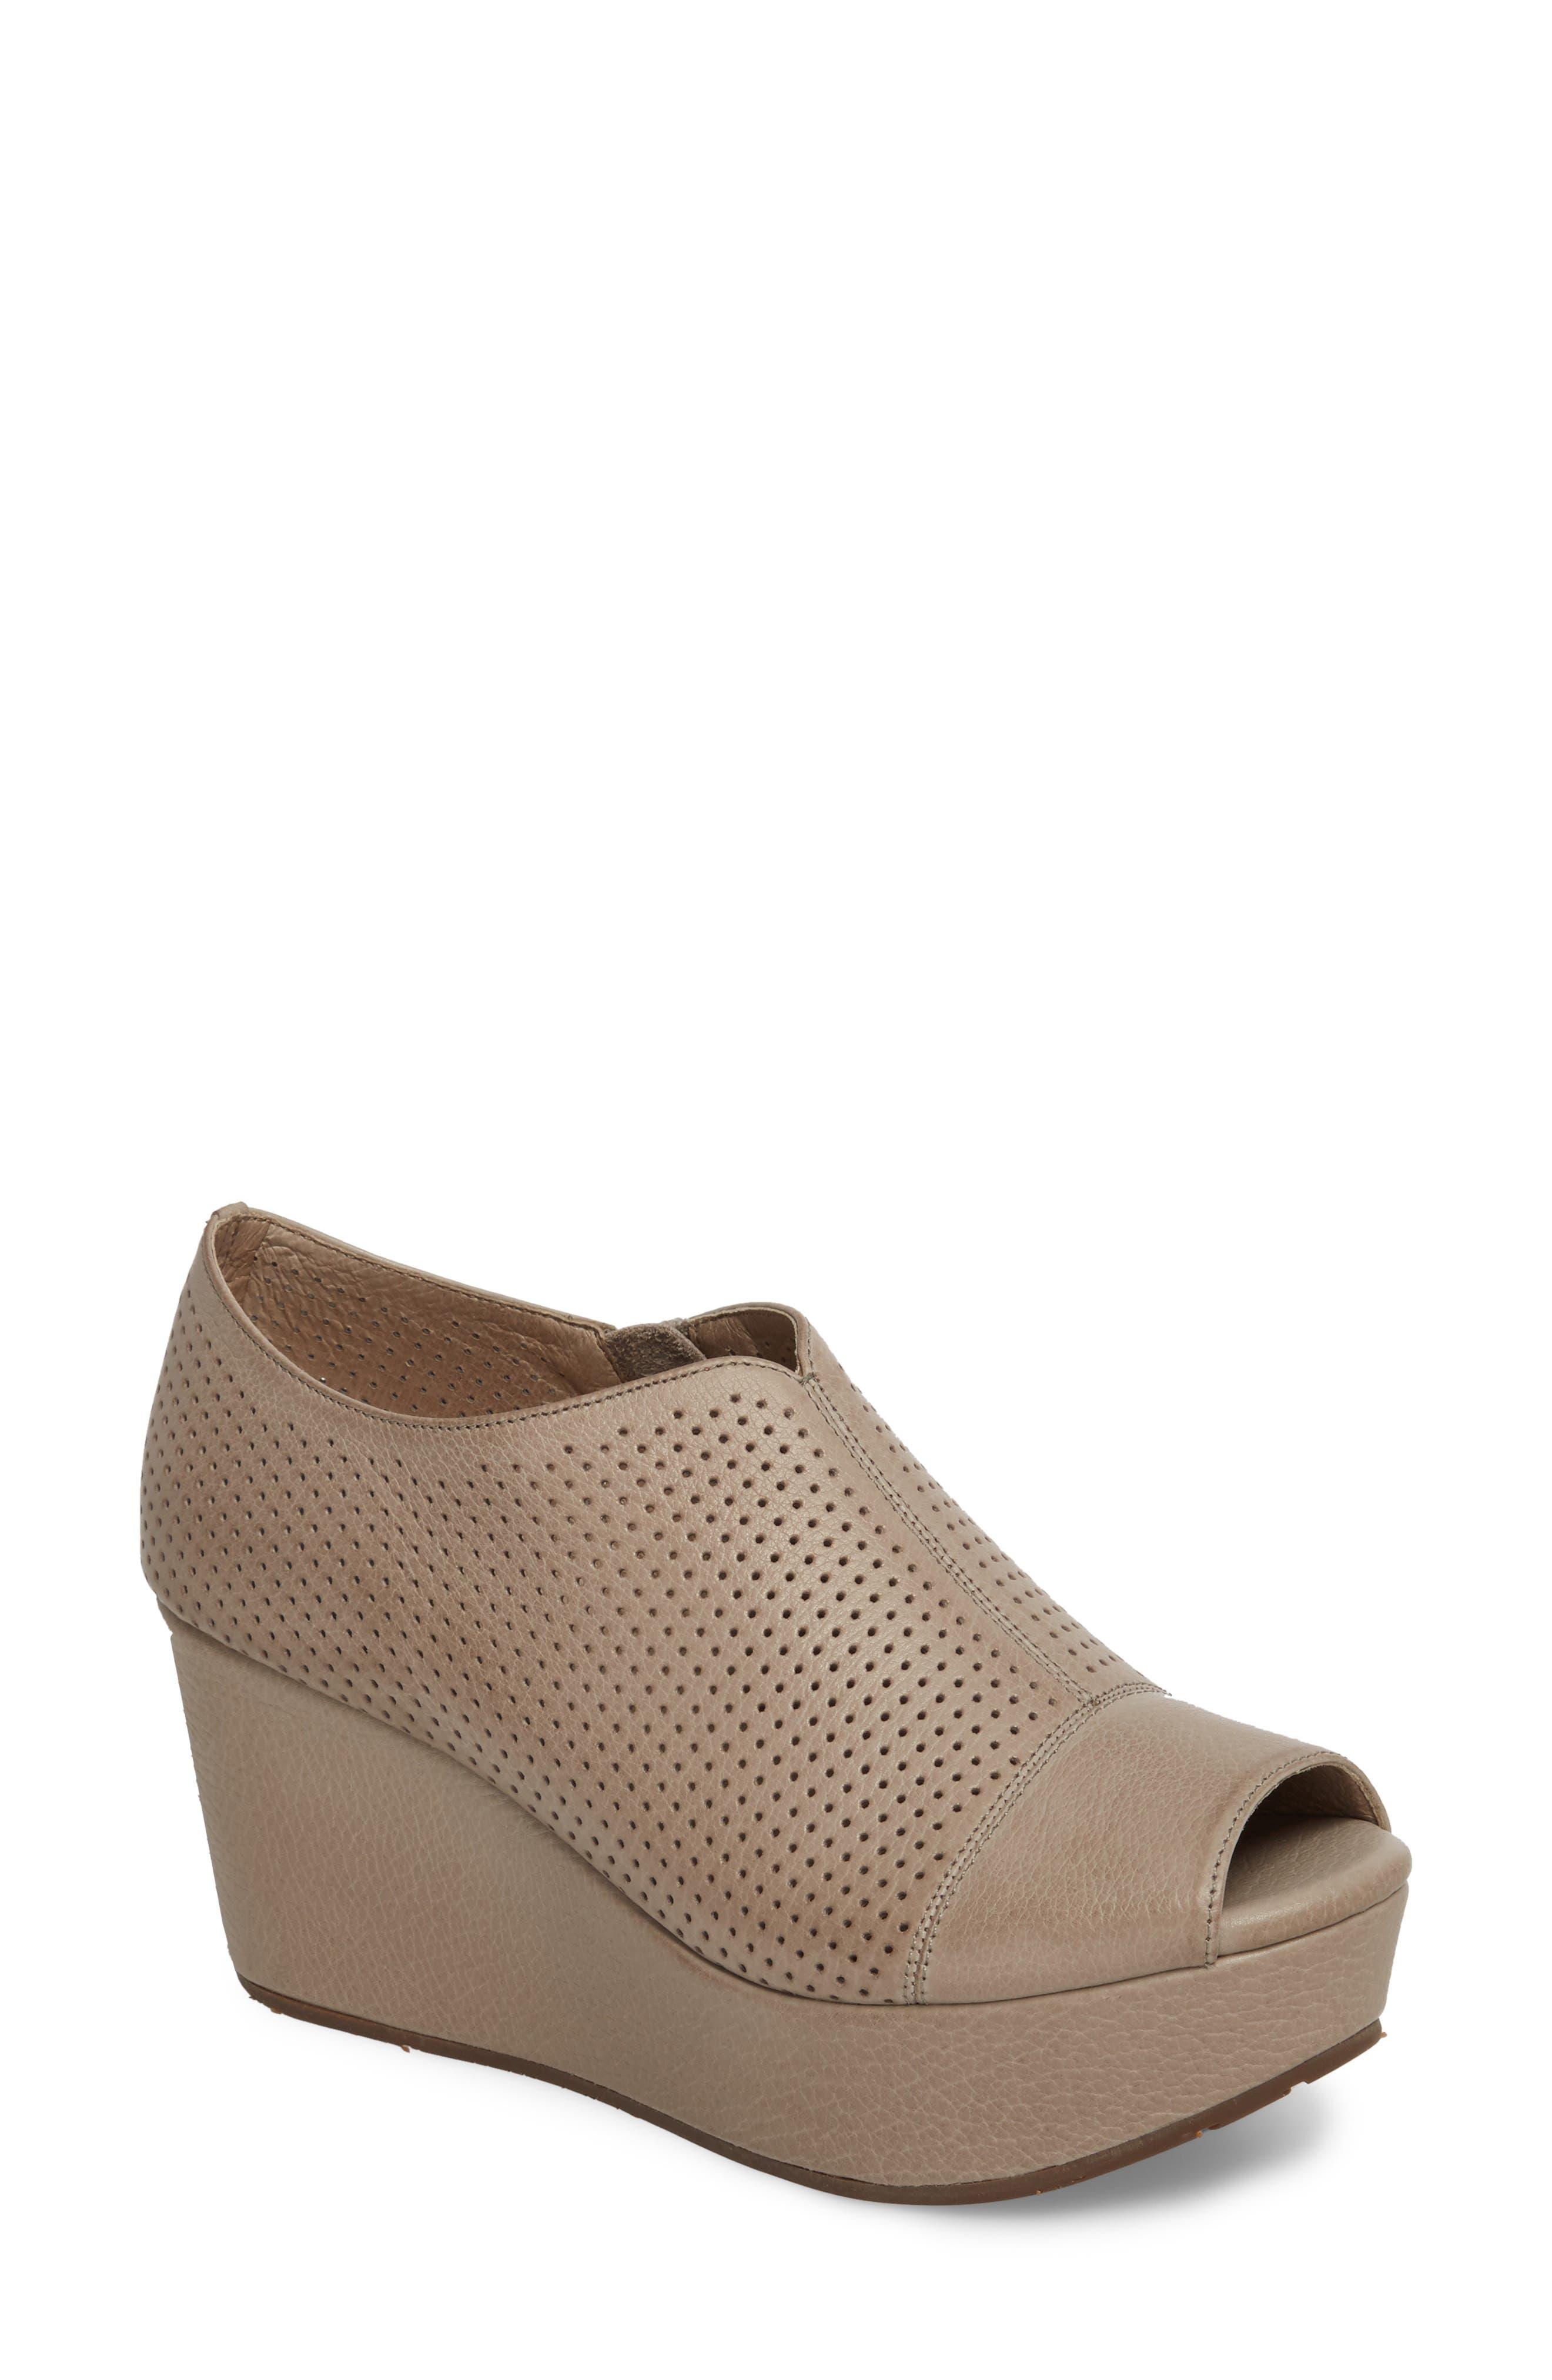 Chocolat Blu Wheeler Wedge Sandal- Grey